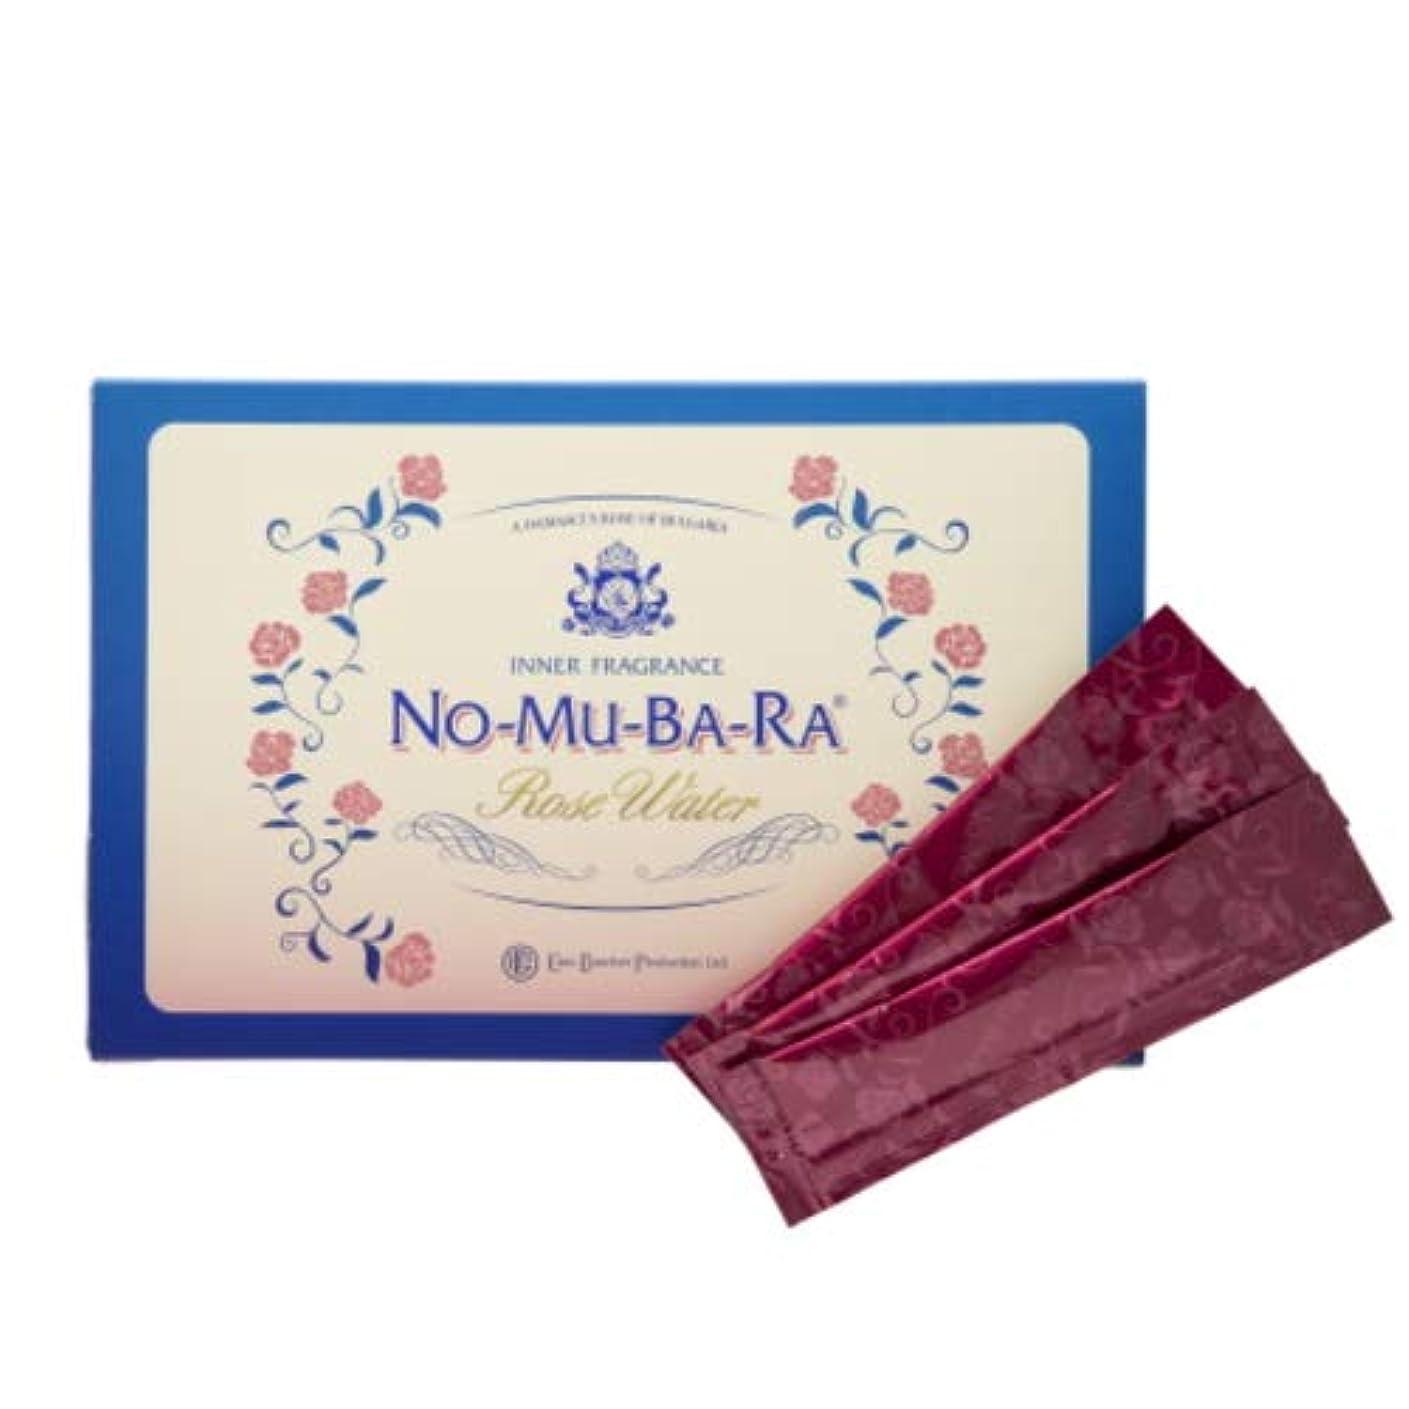 酔う船上同時NO-MU-BA-RA NO-MU-BA-RA(ノムバラ)(35包入)【モンドセレクション受賞】